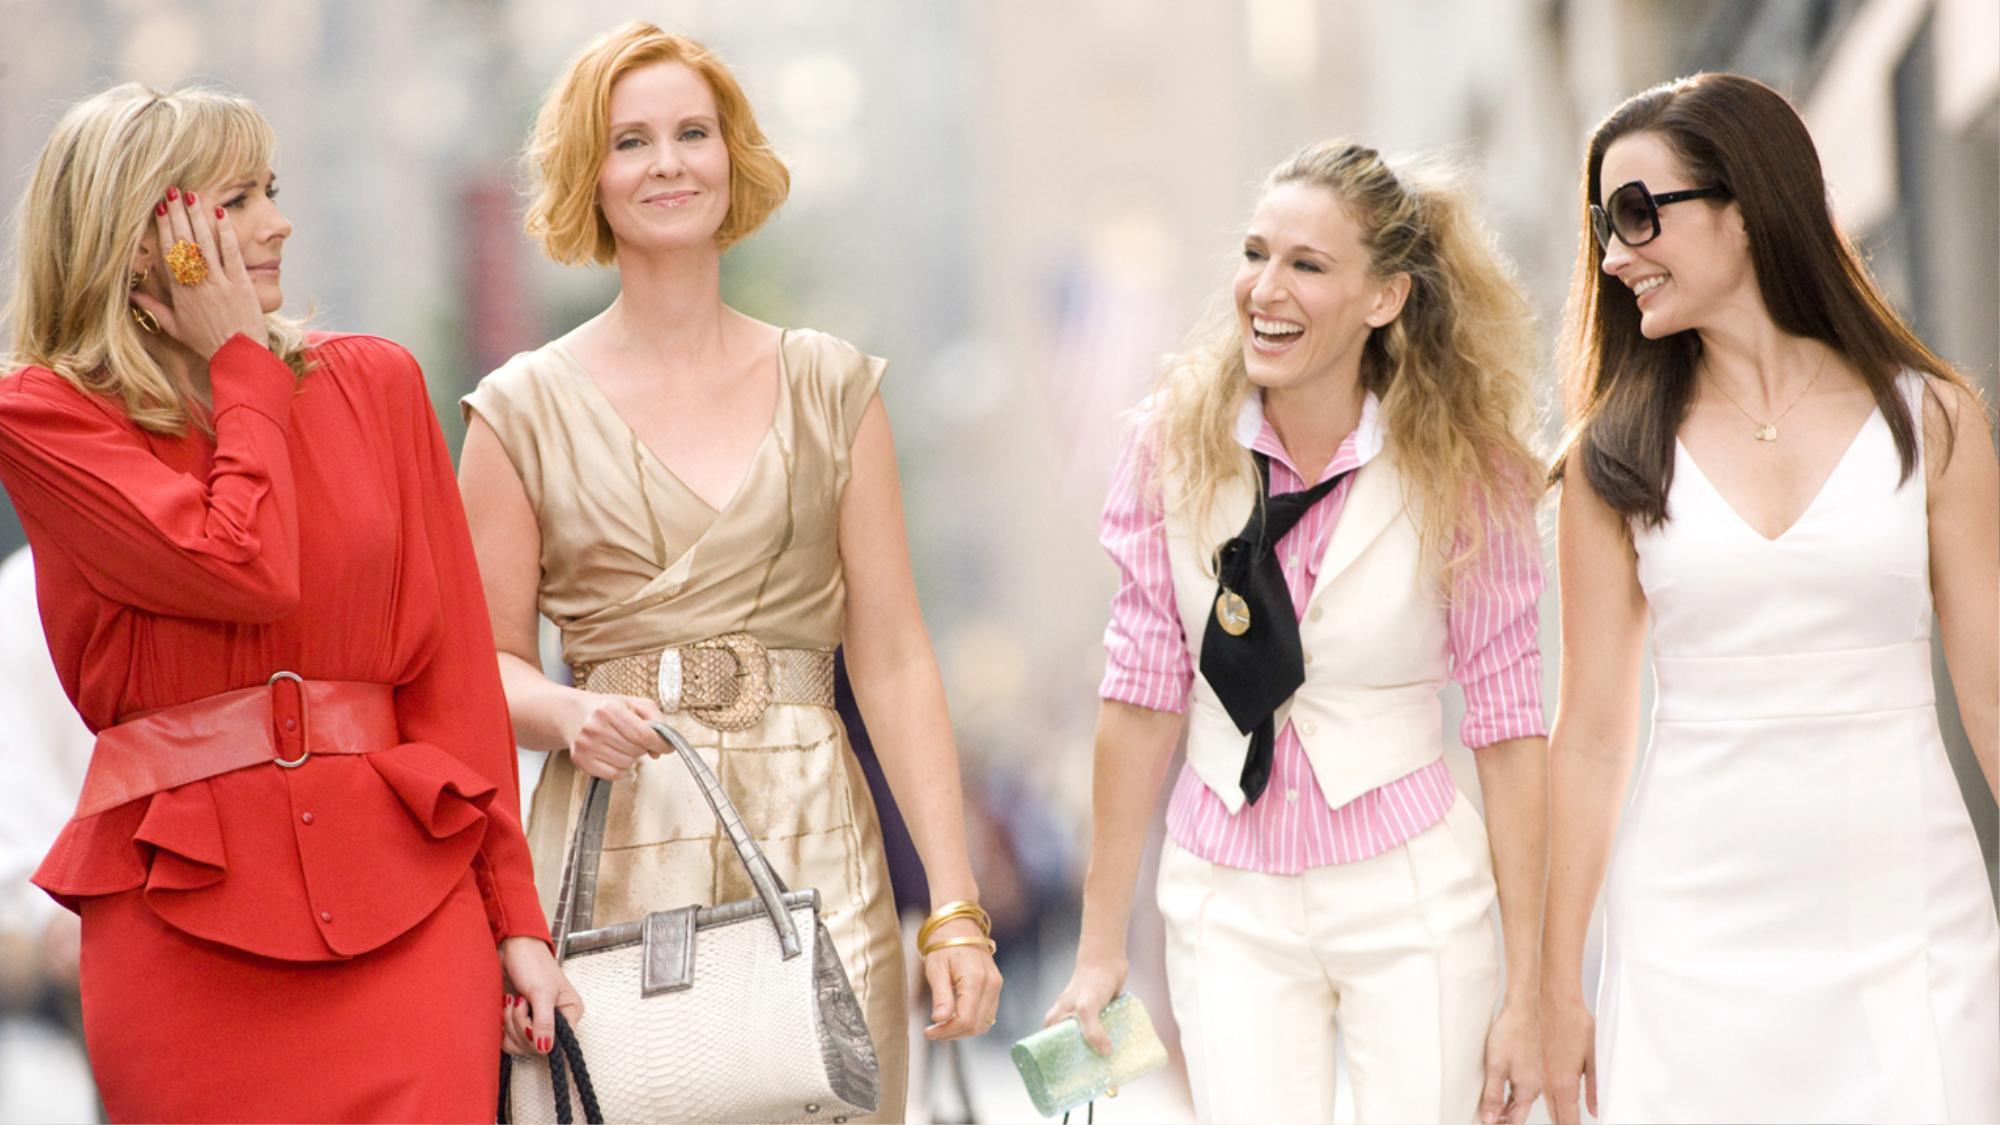 Những bộ phim có thời trang siêu đẹp, liệu đúng với ngoài đời thật? Ảnh 14